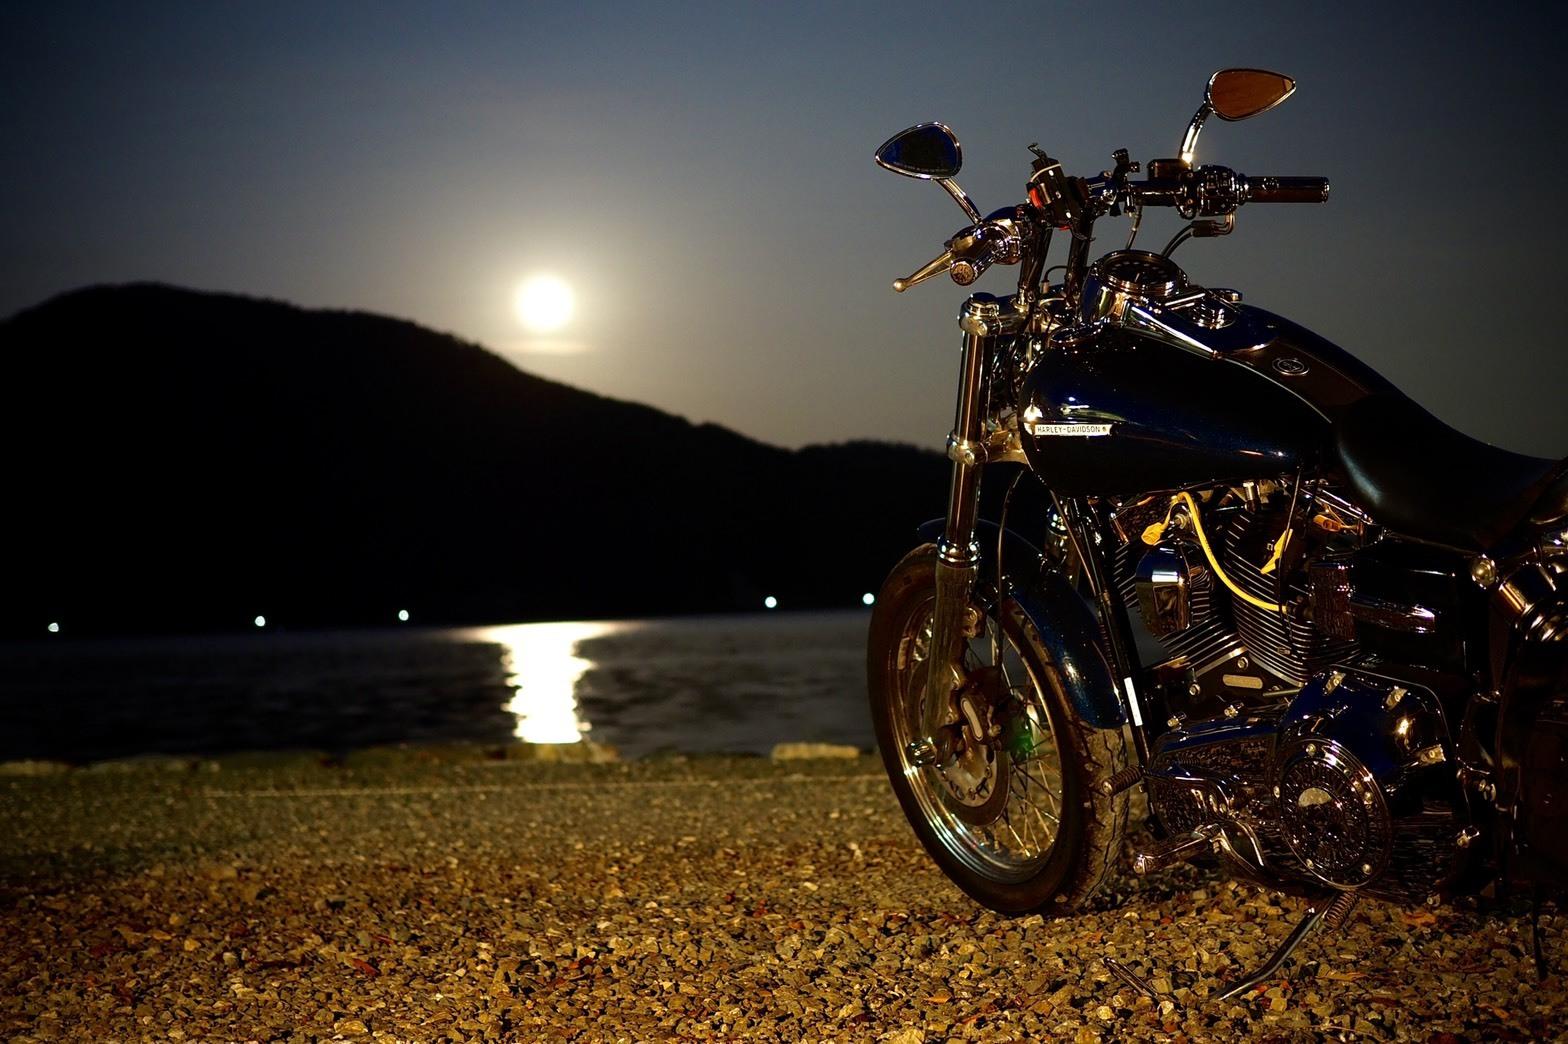 ぴきーちハーレーブログ 奥琵琶湖キャンプツーリング 二本松キャンプ場 月明かり 美しい景色